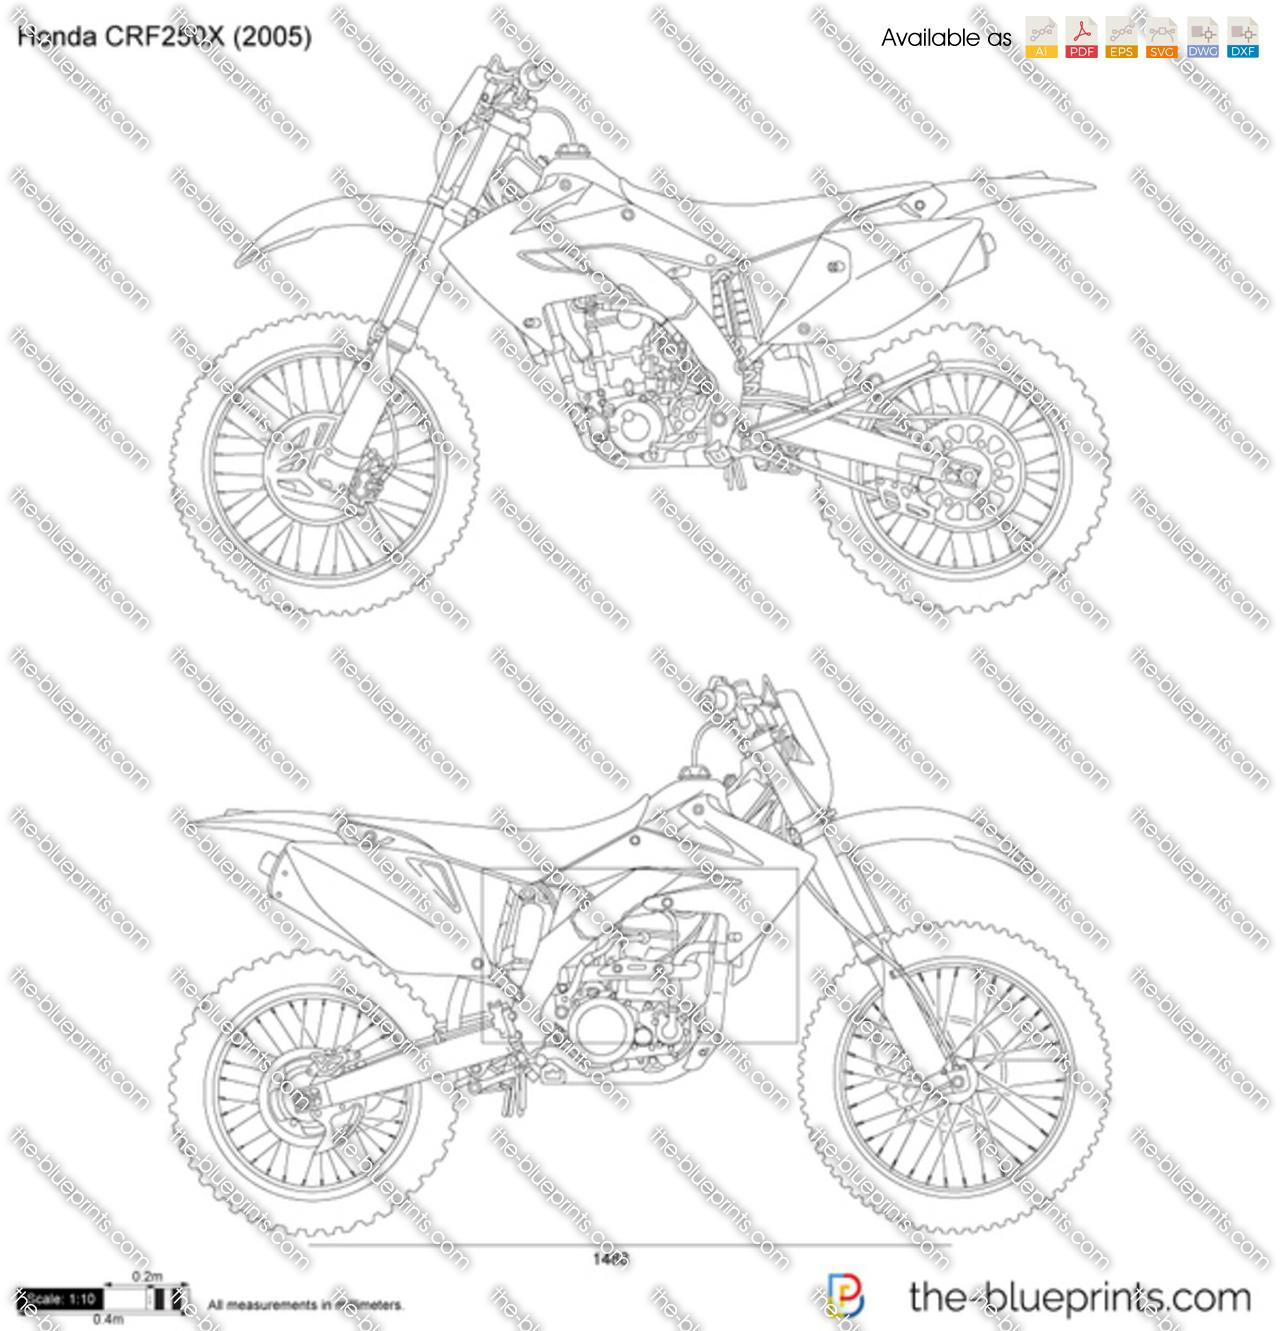 Honda CRF250X vector drawing